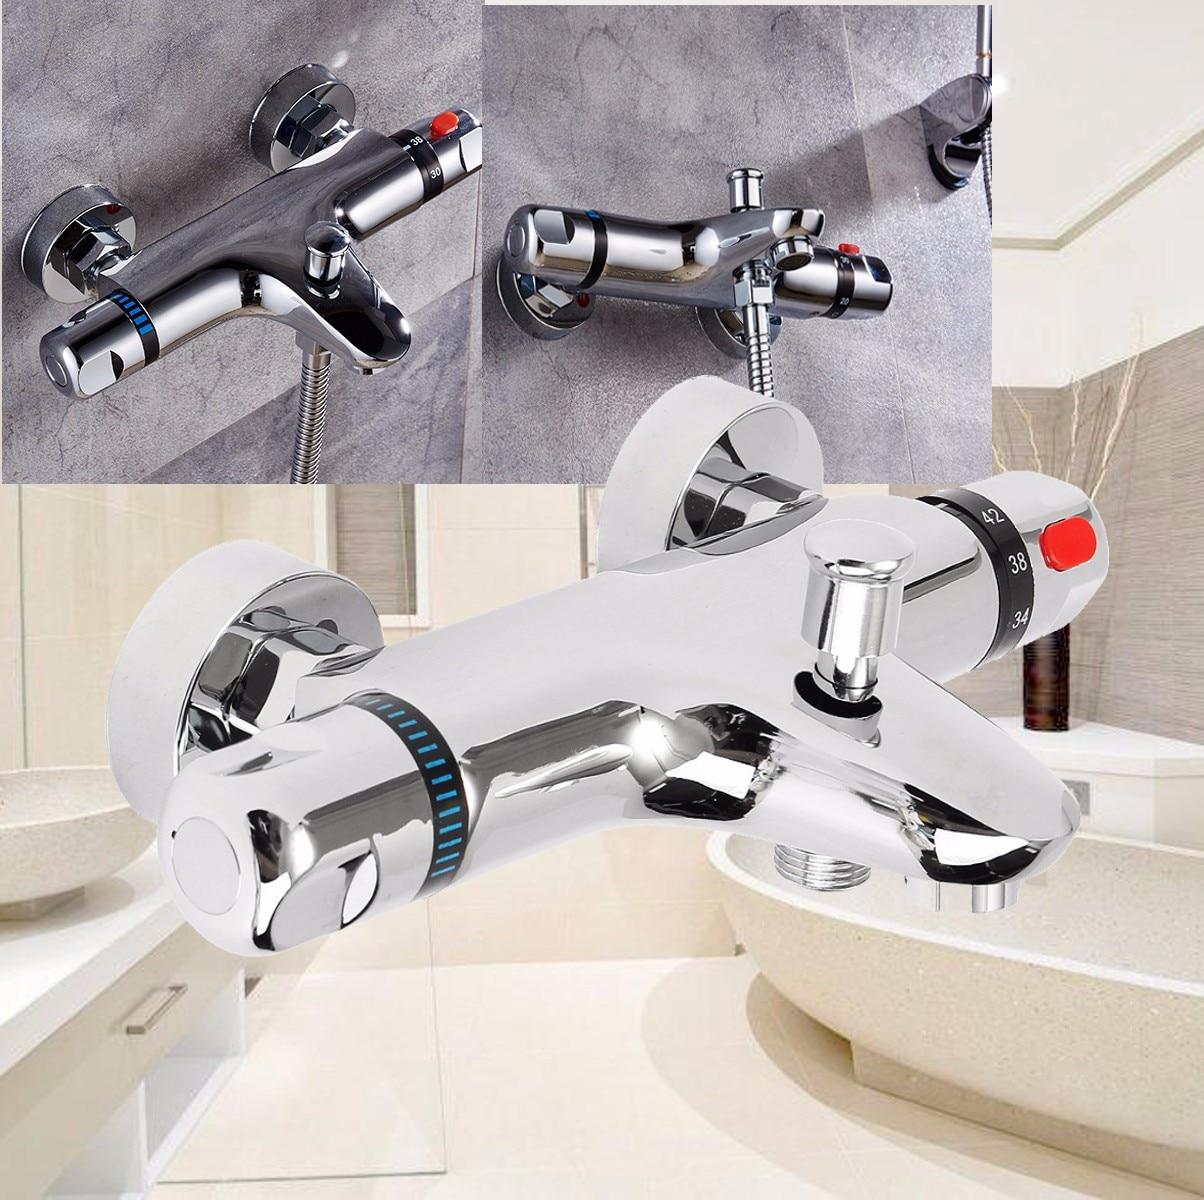 Grifos termostáticos de baño mezclados, válvula de Control de agua, grifo mezclador de cerámica con dos asas montado en la pared